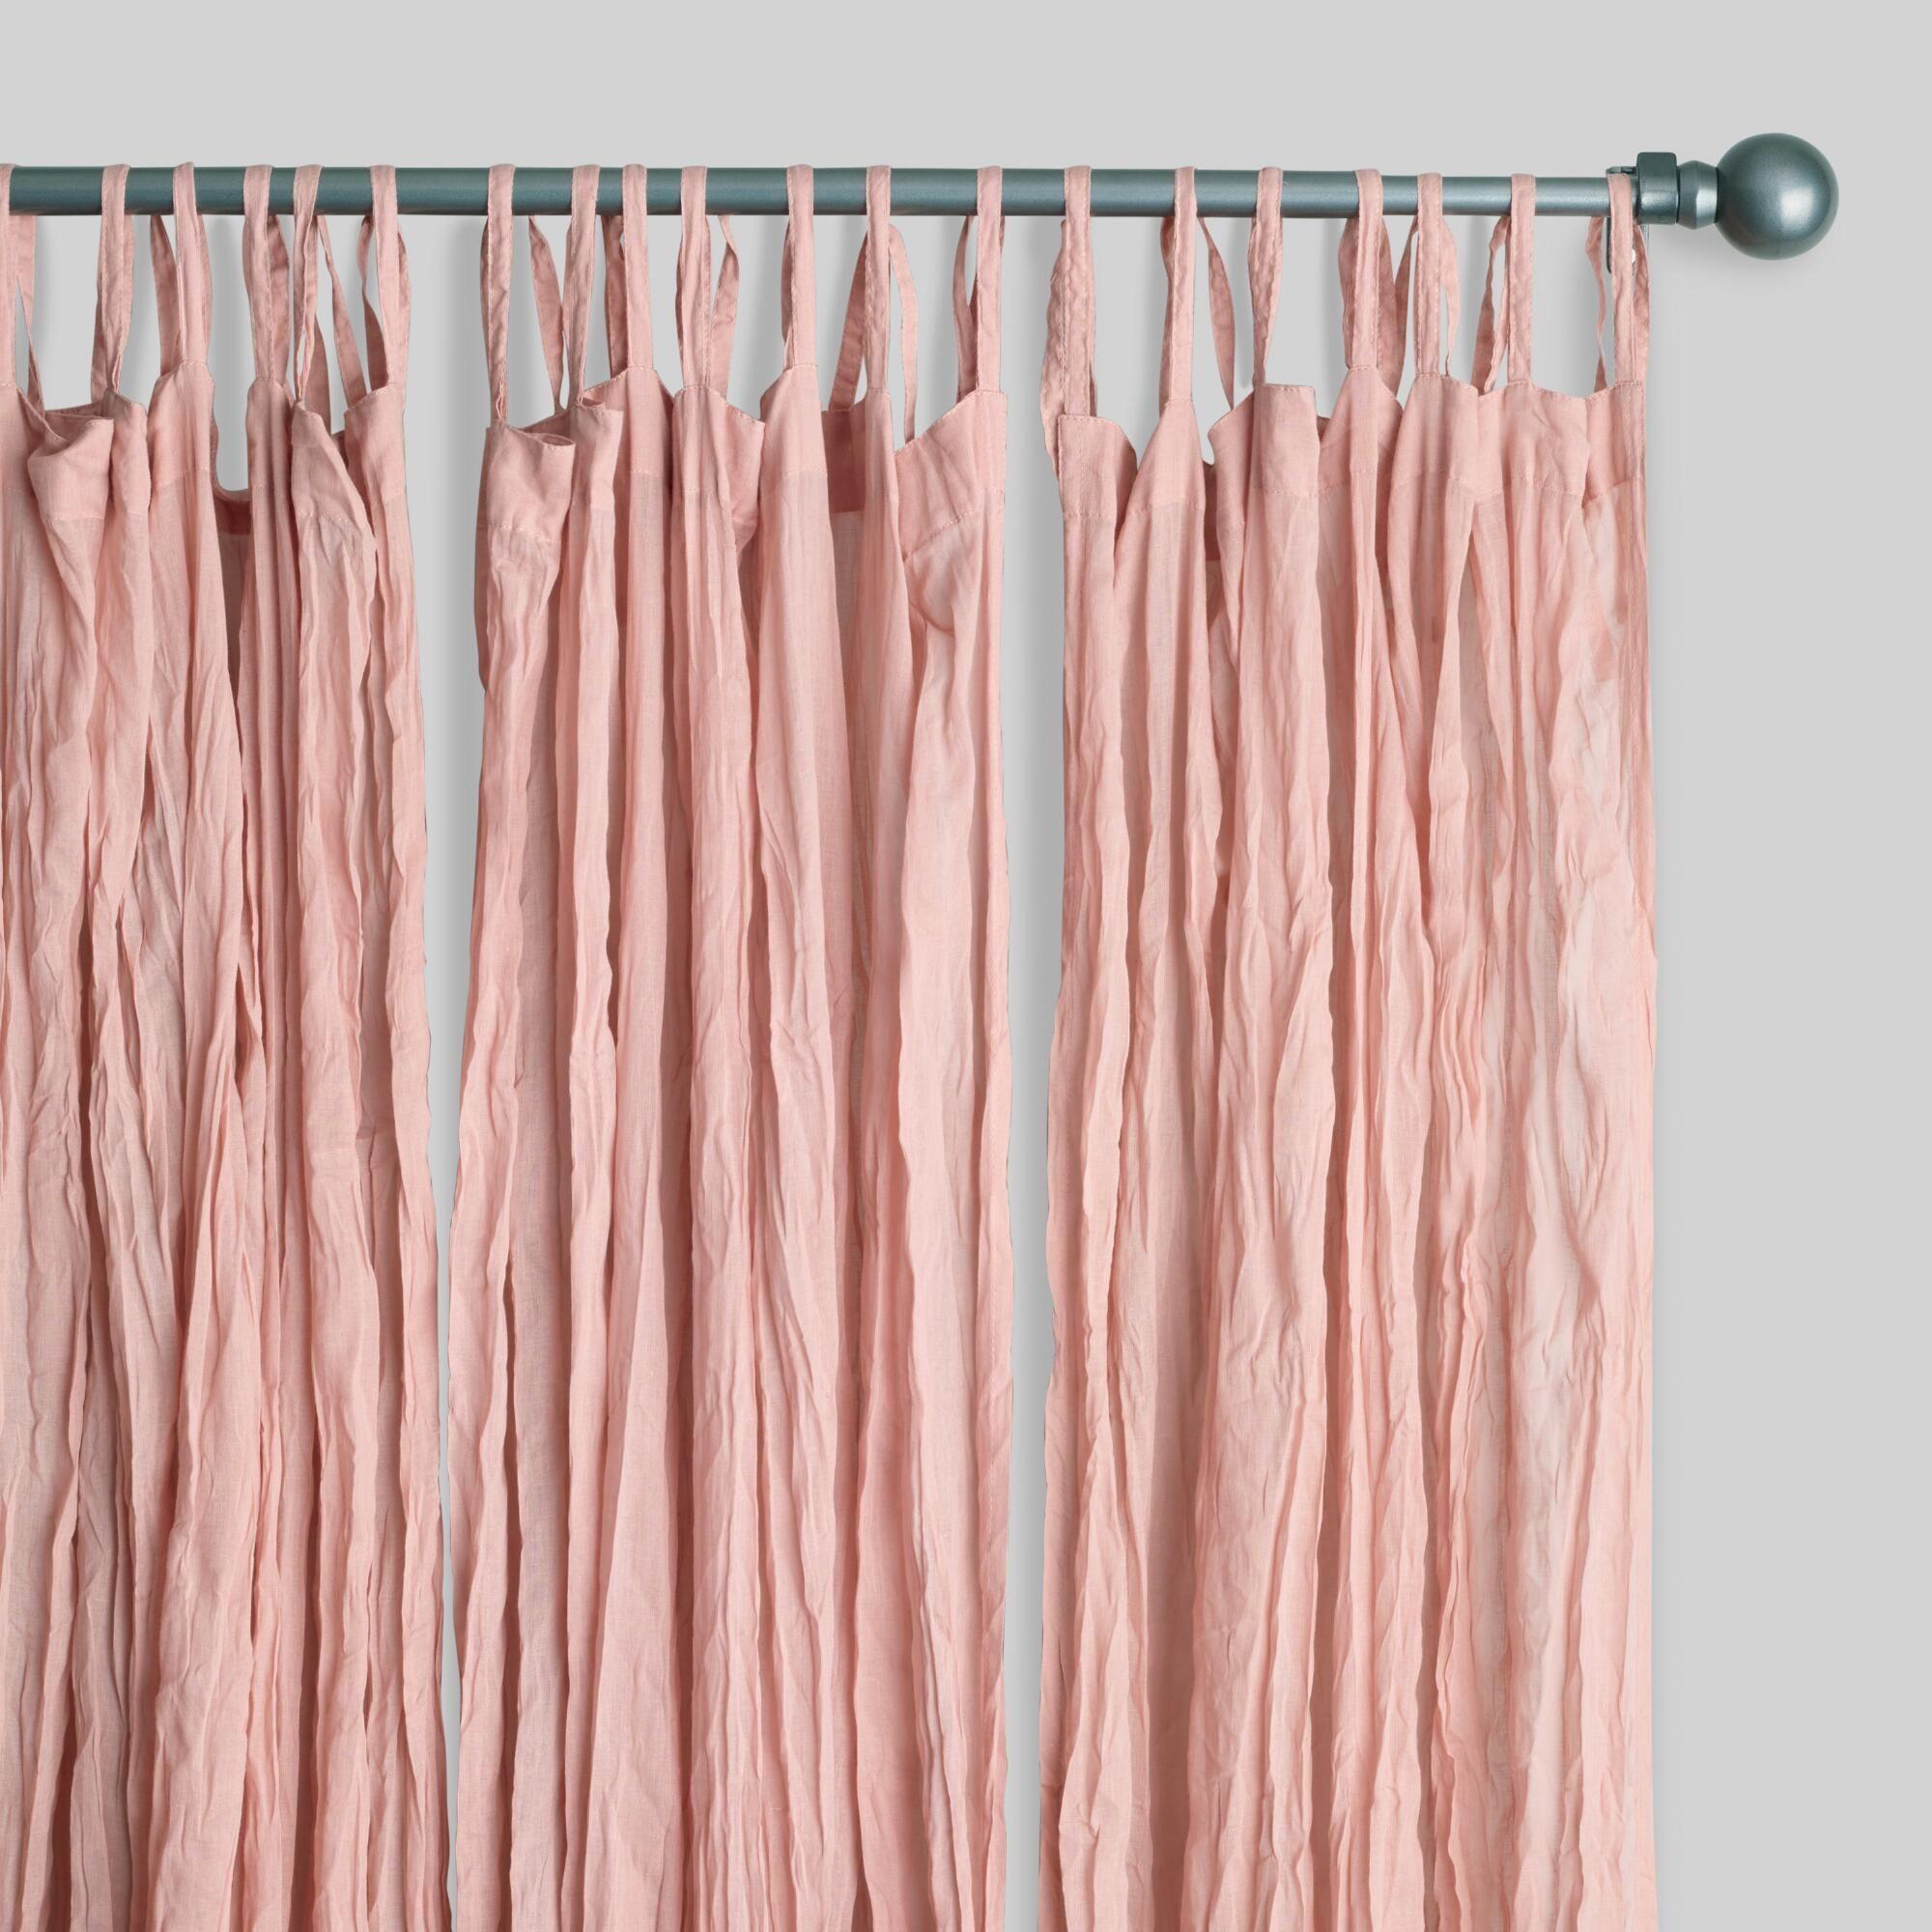 Rideau Pour Chambre Ado blush cotton crinkle voile curtains set of 2: pinkworld